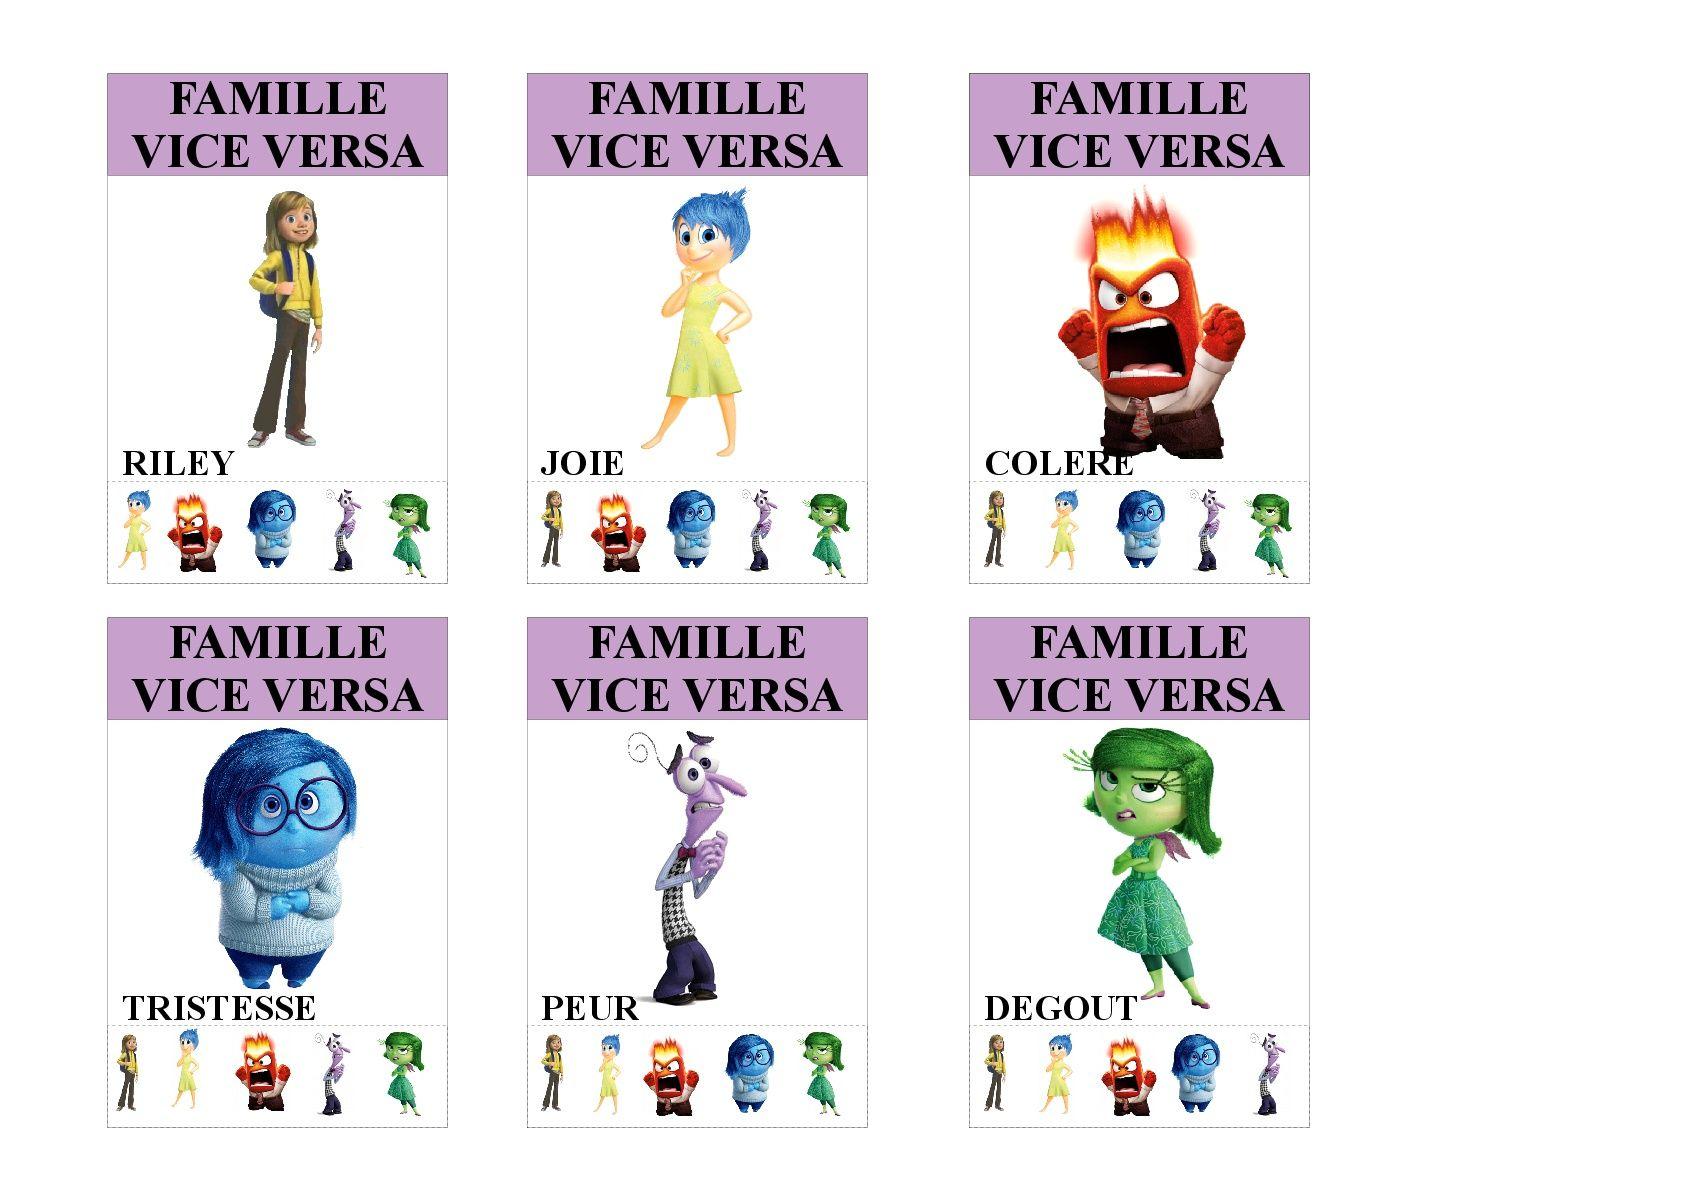 Famille Vice Versa Jeu Des 7 Familles Utilisable Pour Les Plus Jeunes Vu Que Tous Les Membres Des Familles S Jeux Des 7 Familles Famille Disney Jeux A Imprimer